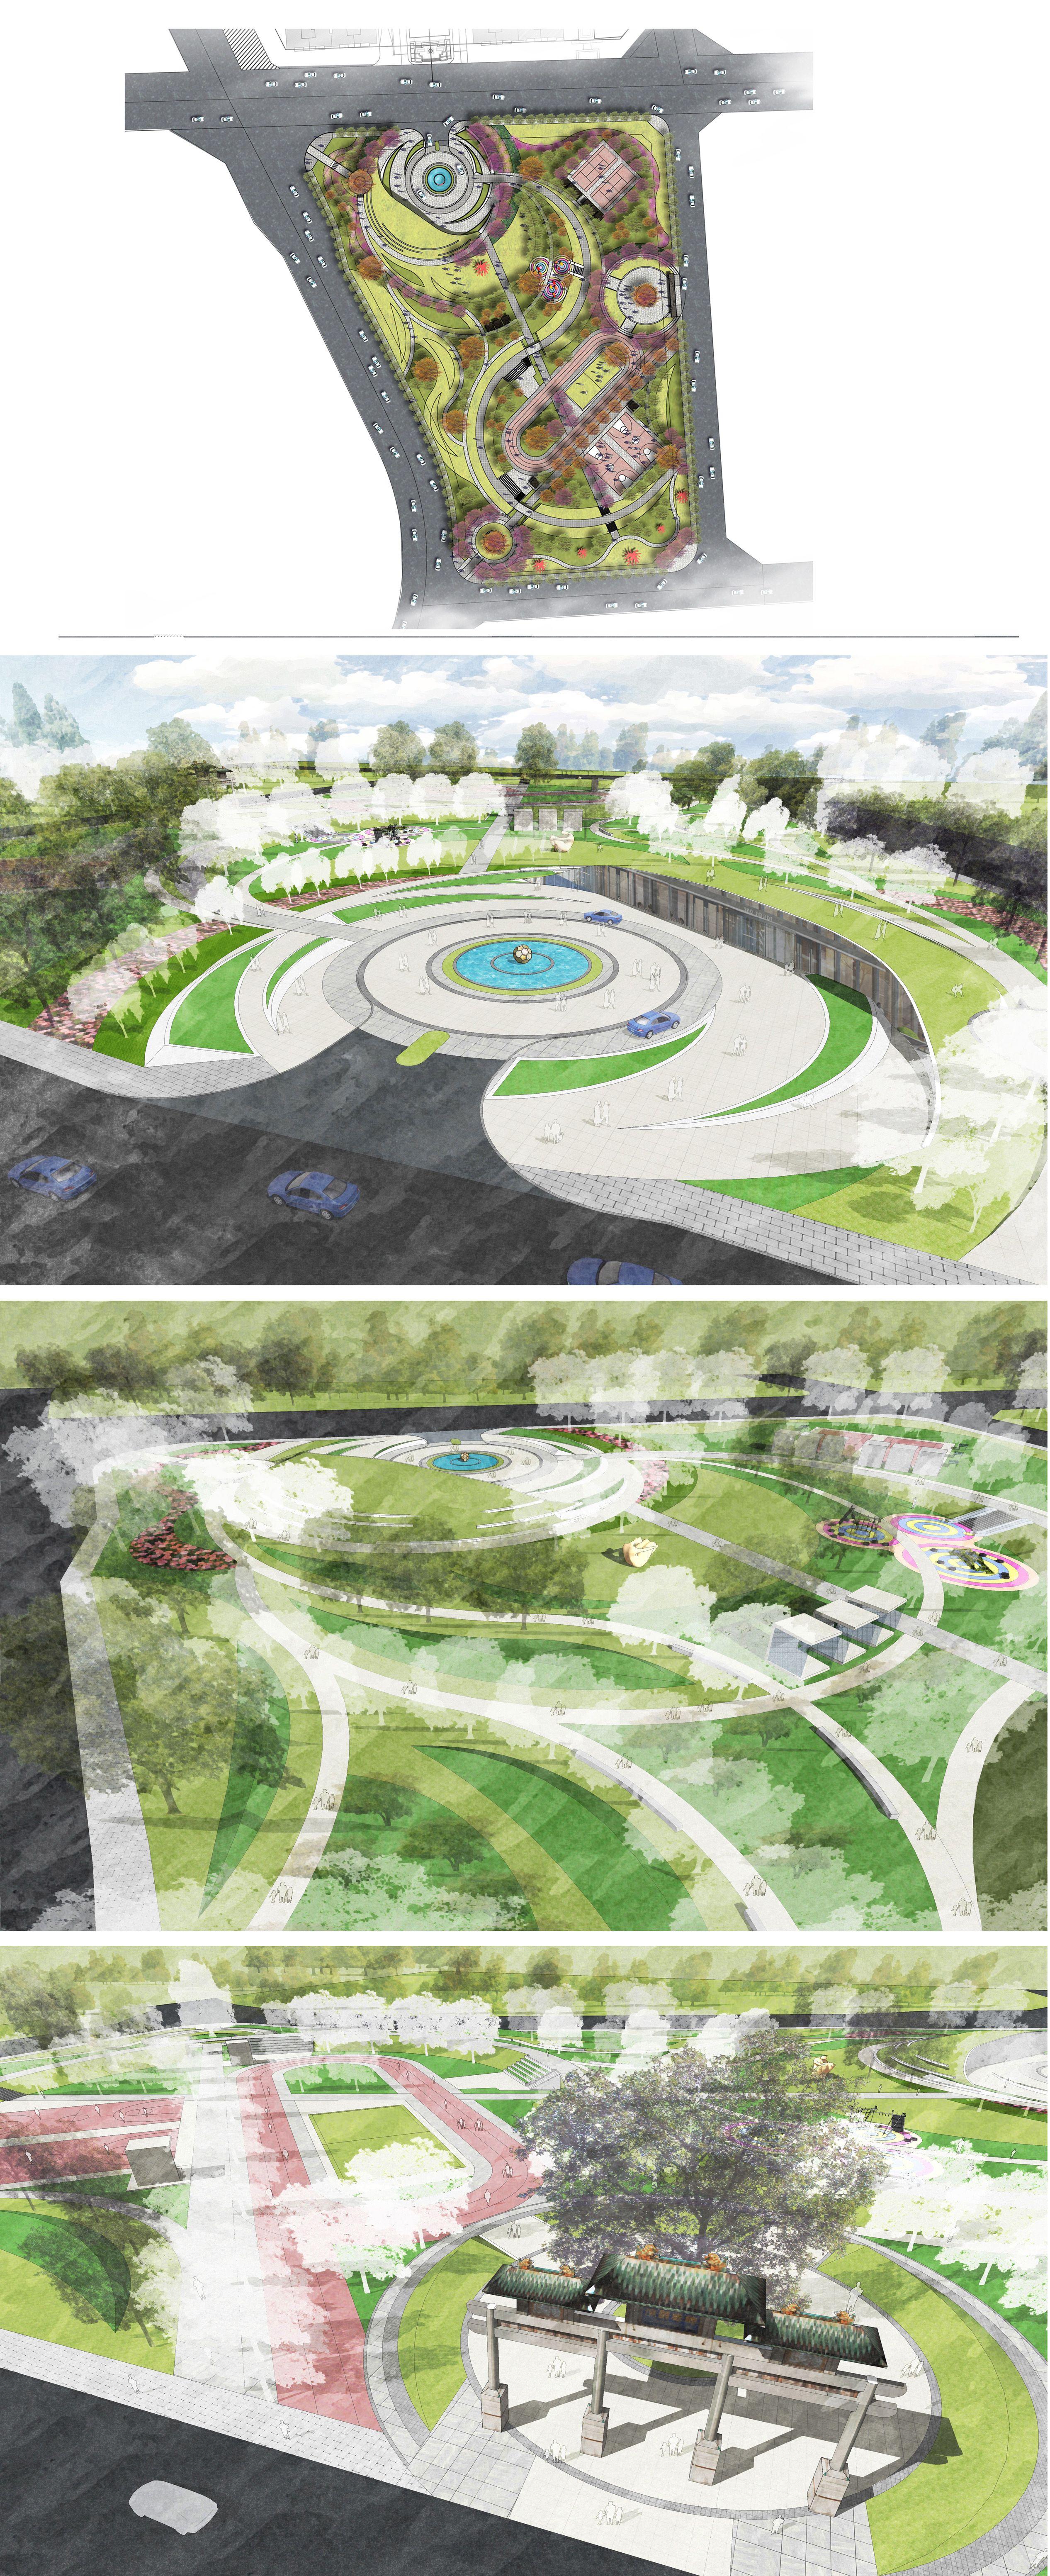 Bj Sports Park Design Landscape Parking Design Landscape Design Landscape Design Plans